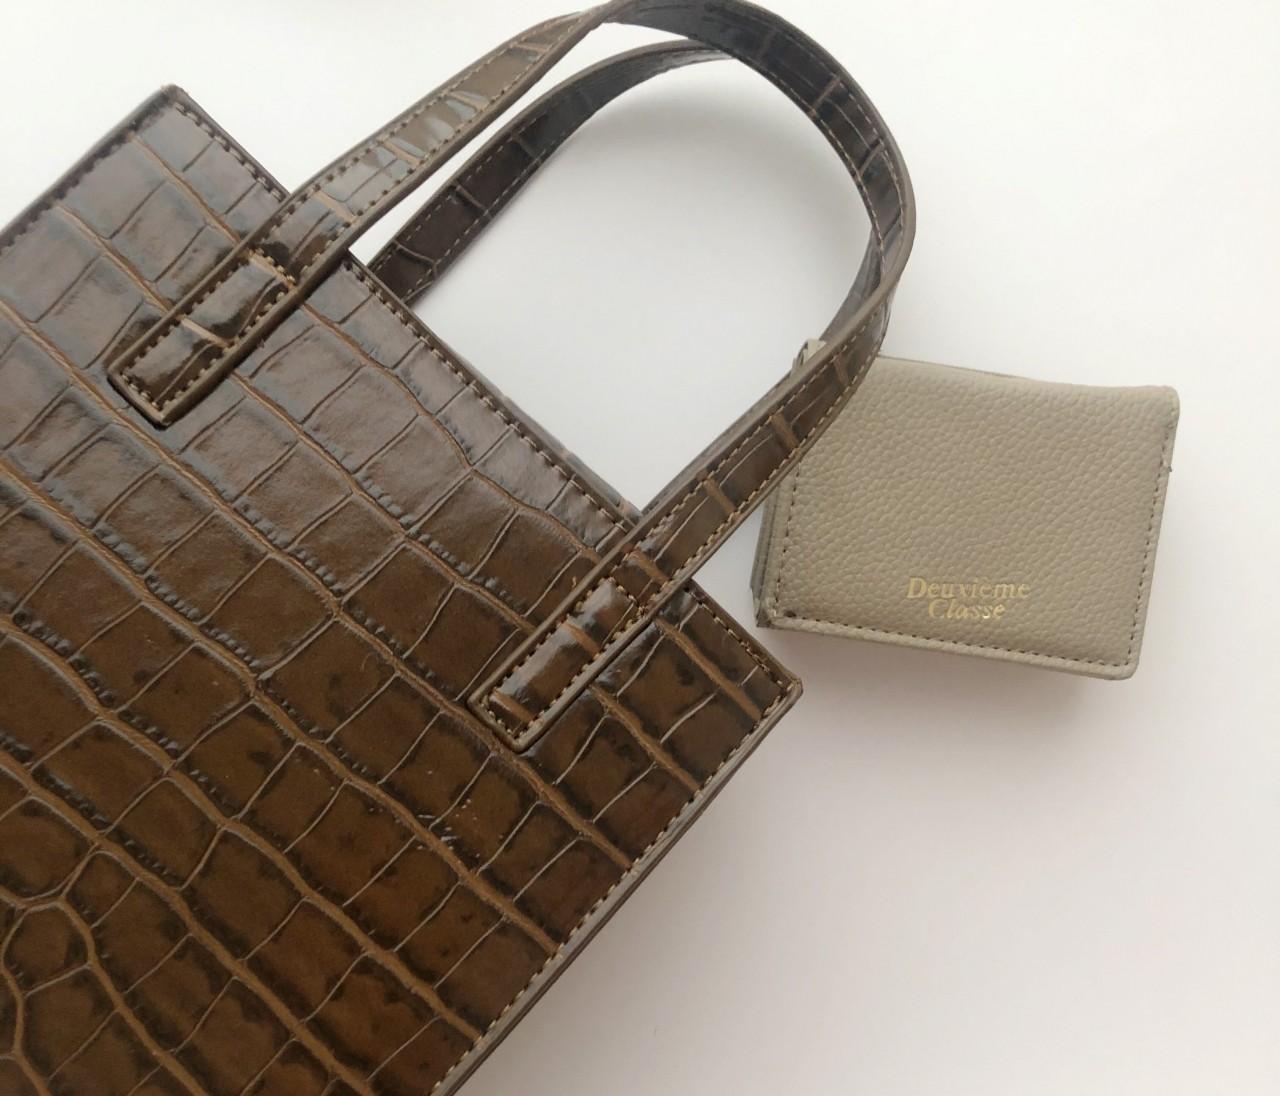 BAILA4月号 大人気ブランドのミニ財布が使いやすくて◎